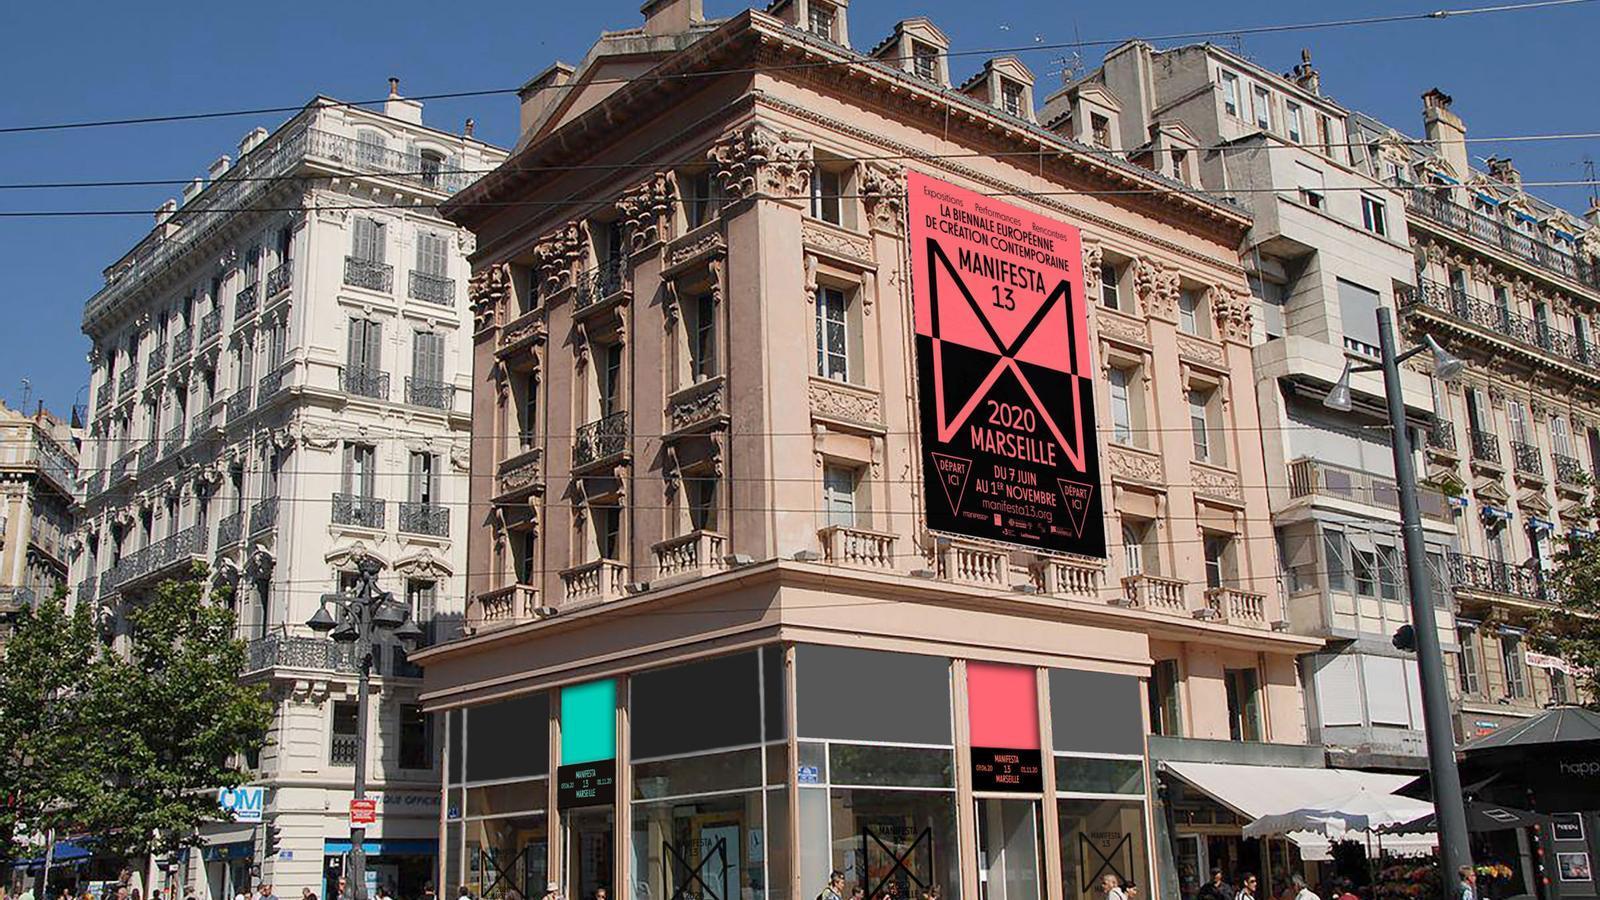 El cèntric espai dedicat a ser el 'hub' de Manifesta a Marsella